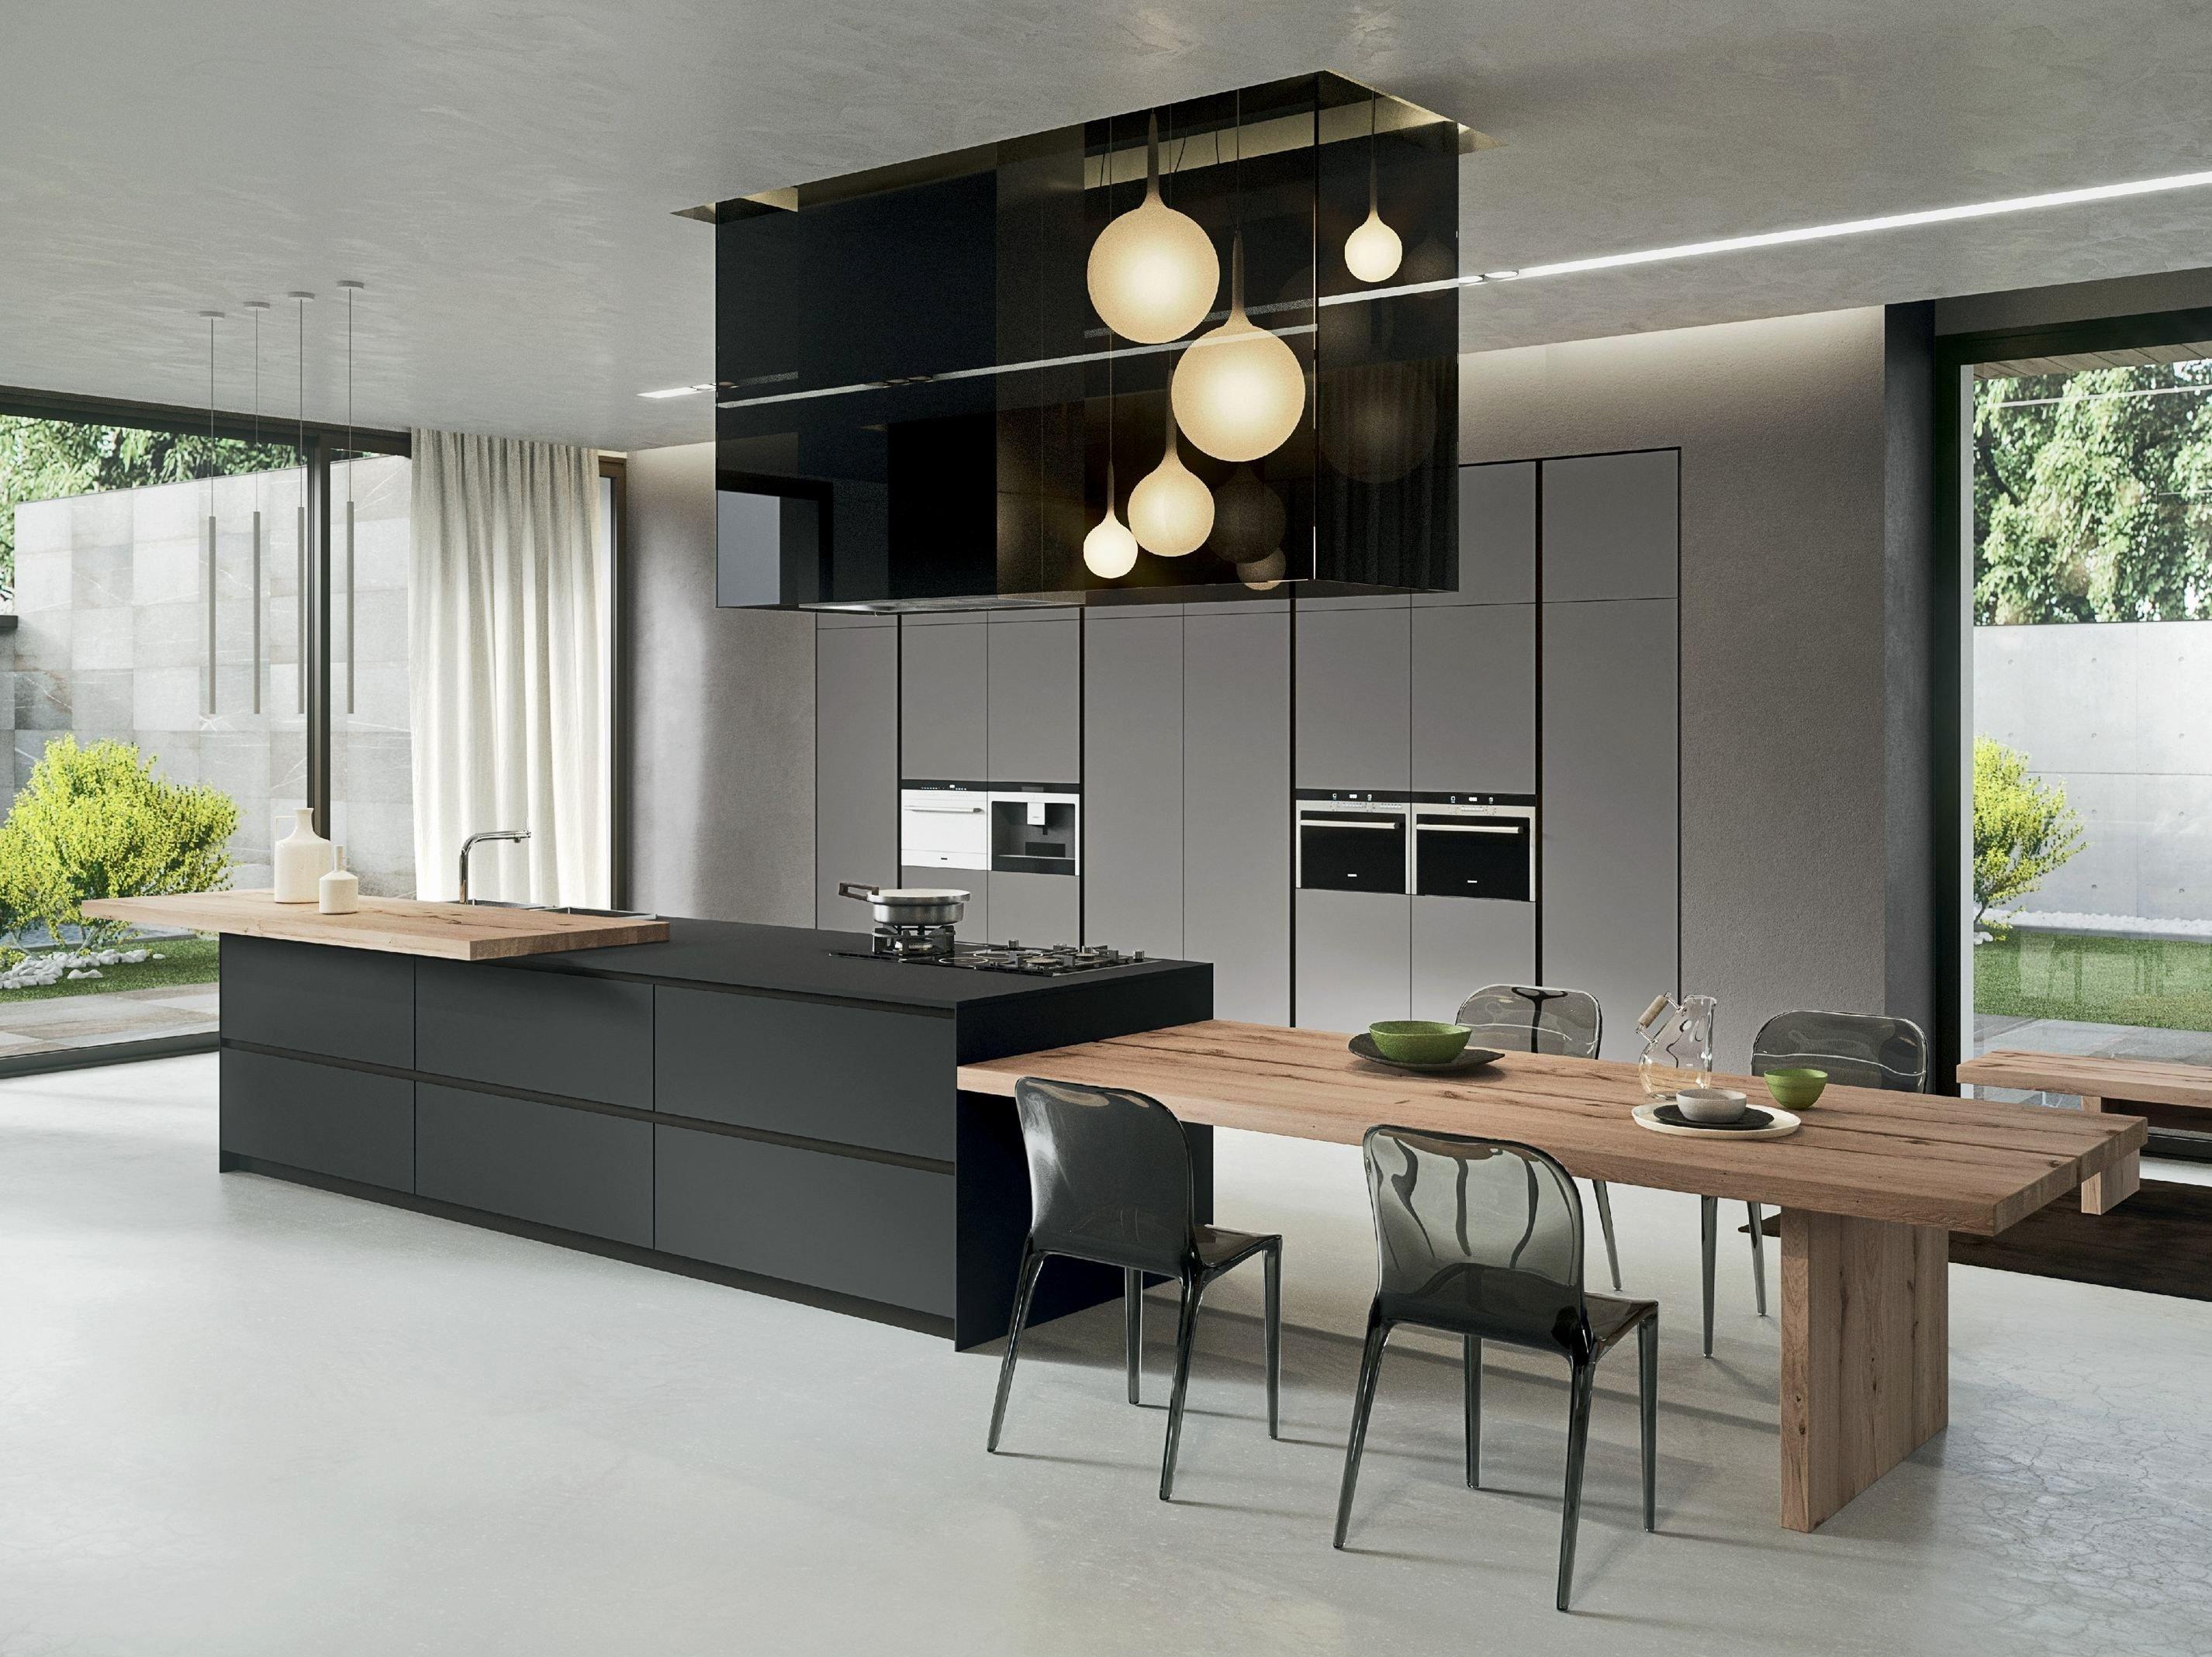 Ikea Cuisine Ilot Nouveau Photos Ikea Cuisine Ilot Gai Cuisine Ilot Central Table Cuisine Avec Lot